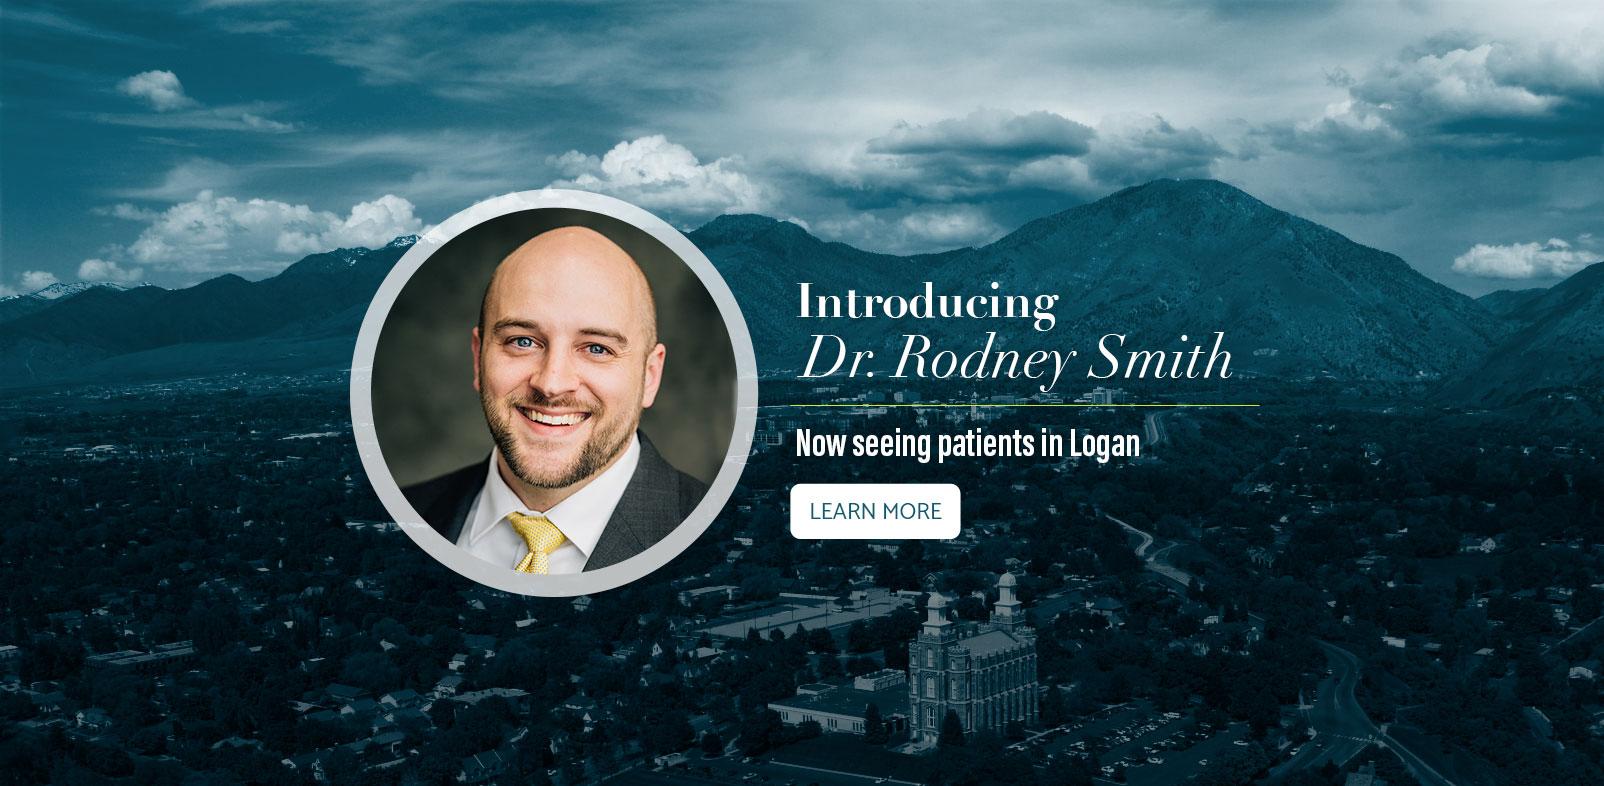 Dr. Rodney Smith